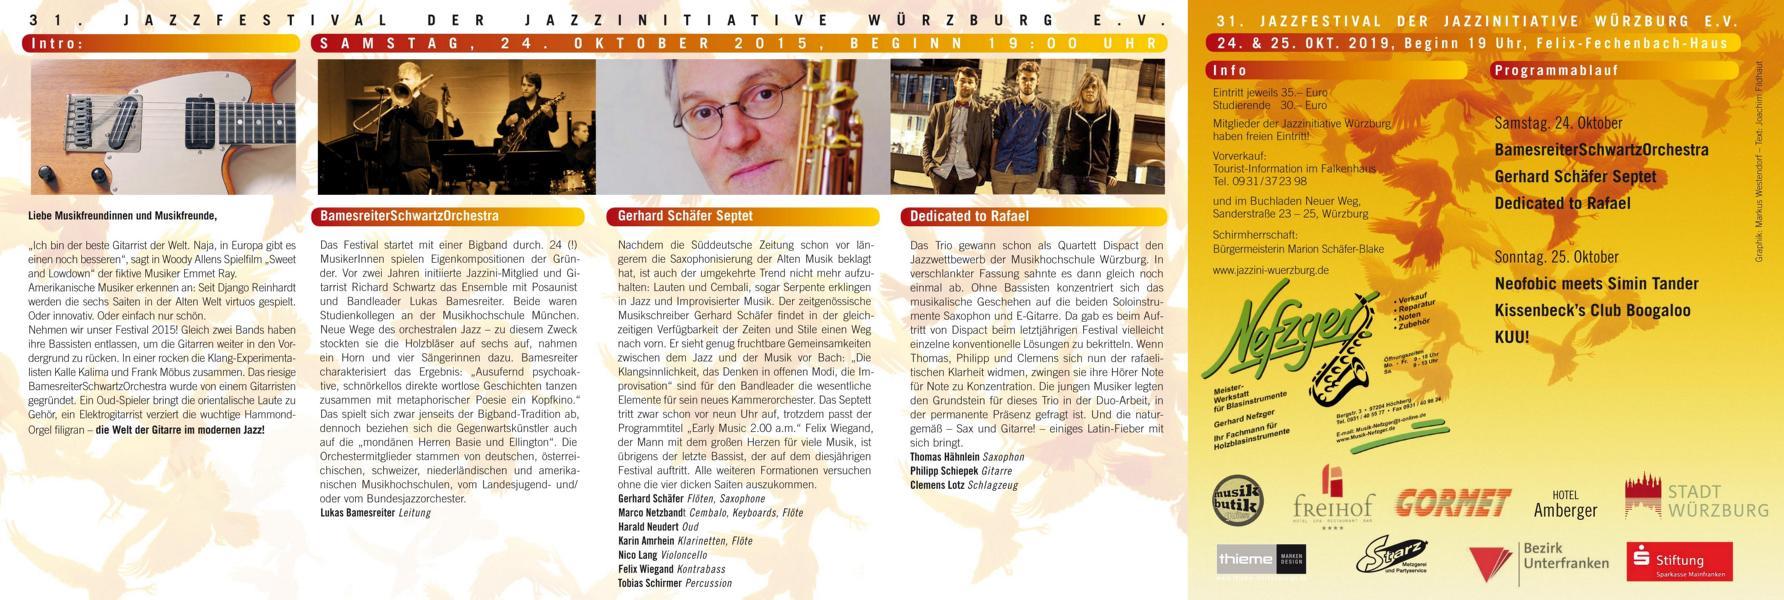 Jazzfestivalflyer2015-RZ-klein-1